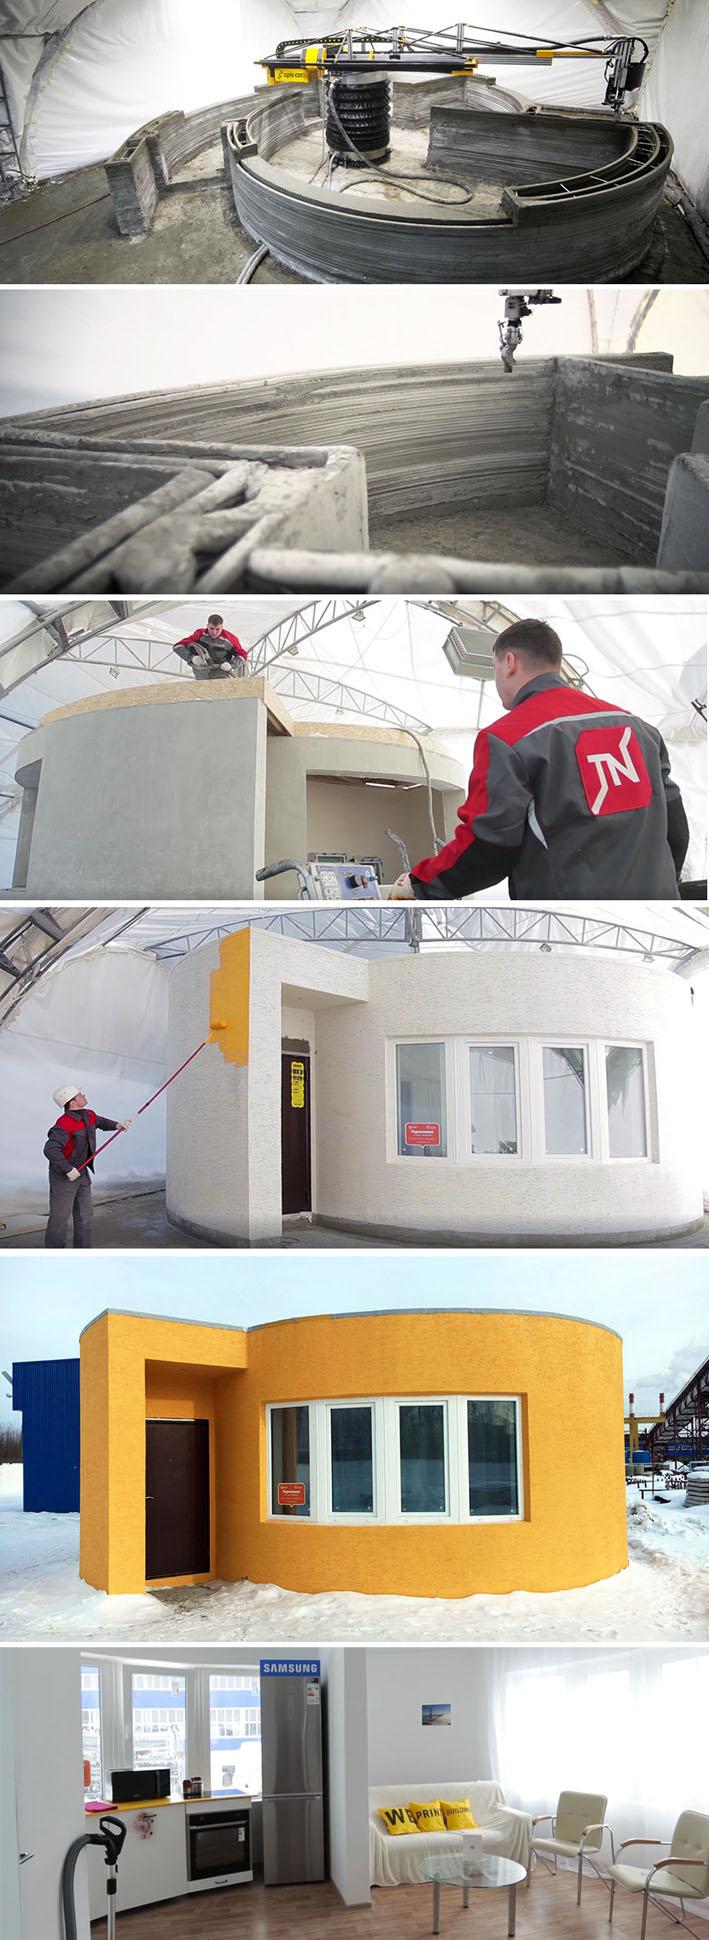 Empresa cria impressora 3D revolucionária que imprime uma casa inteira em 24 horas stylo urbano